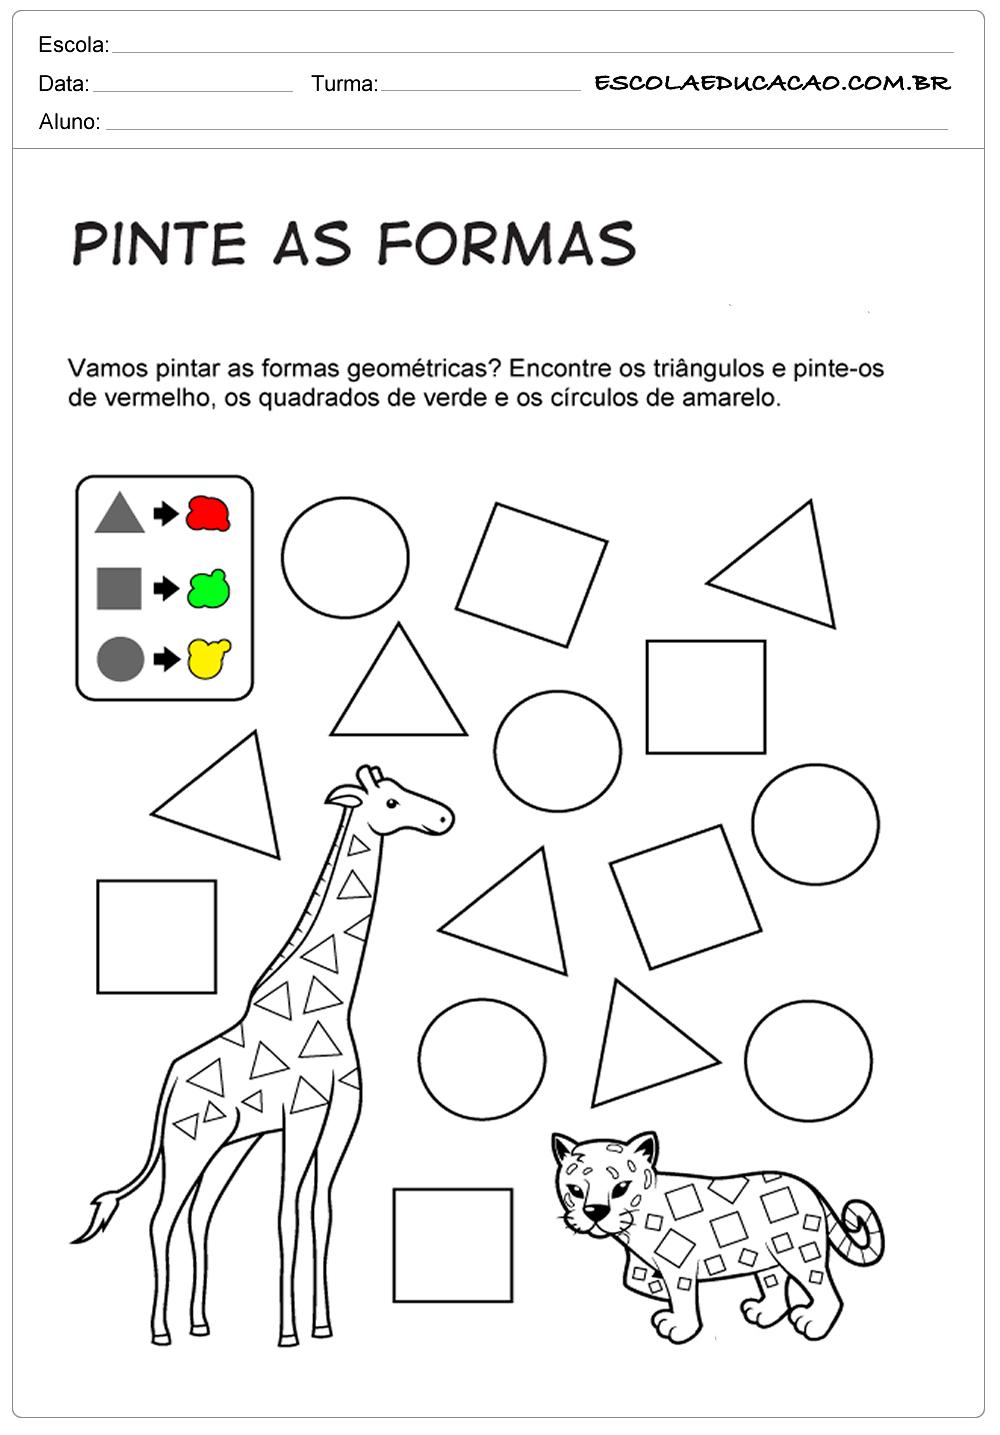 Atividades com formas geométricas pinte as formas